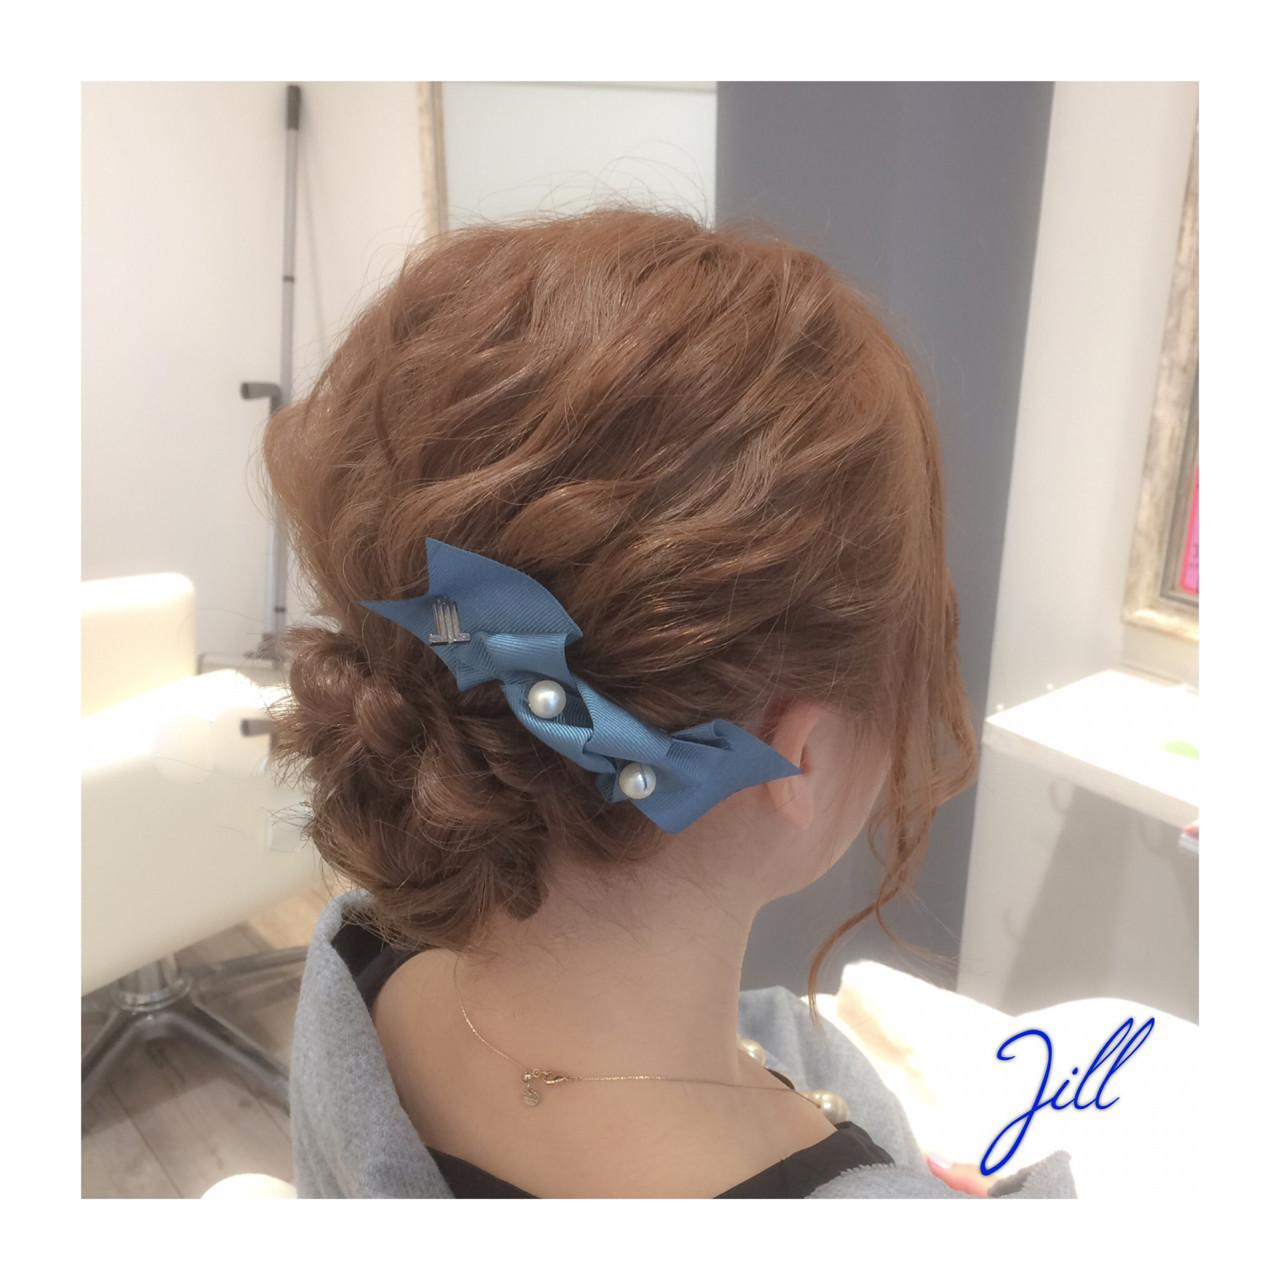 崩れ防止に♡片側寄せバレッタヘア 花房 佑典 / Jill